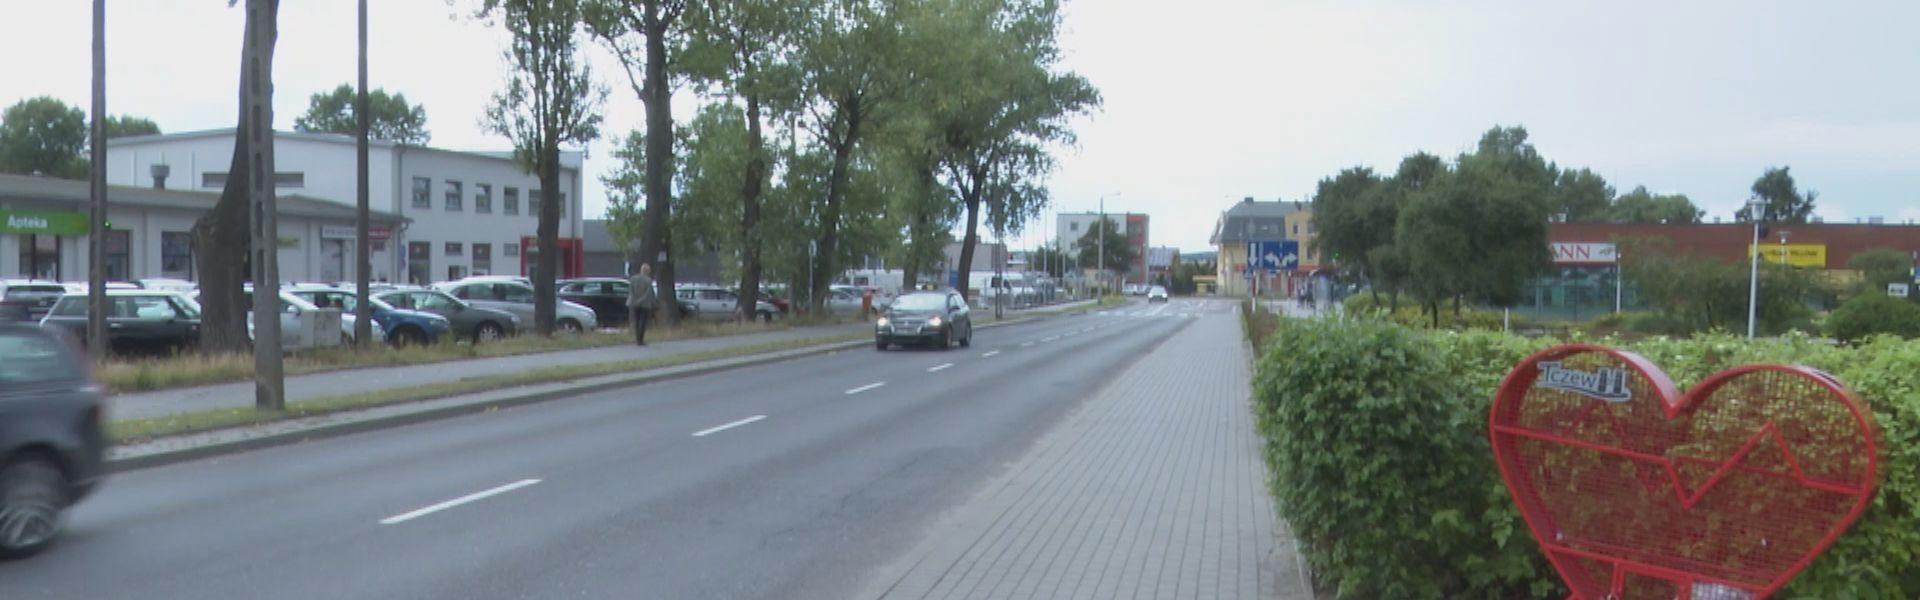 Ścieżka rowerowa na Żwirki bez wykonawcy